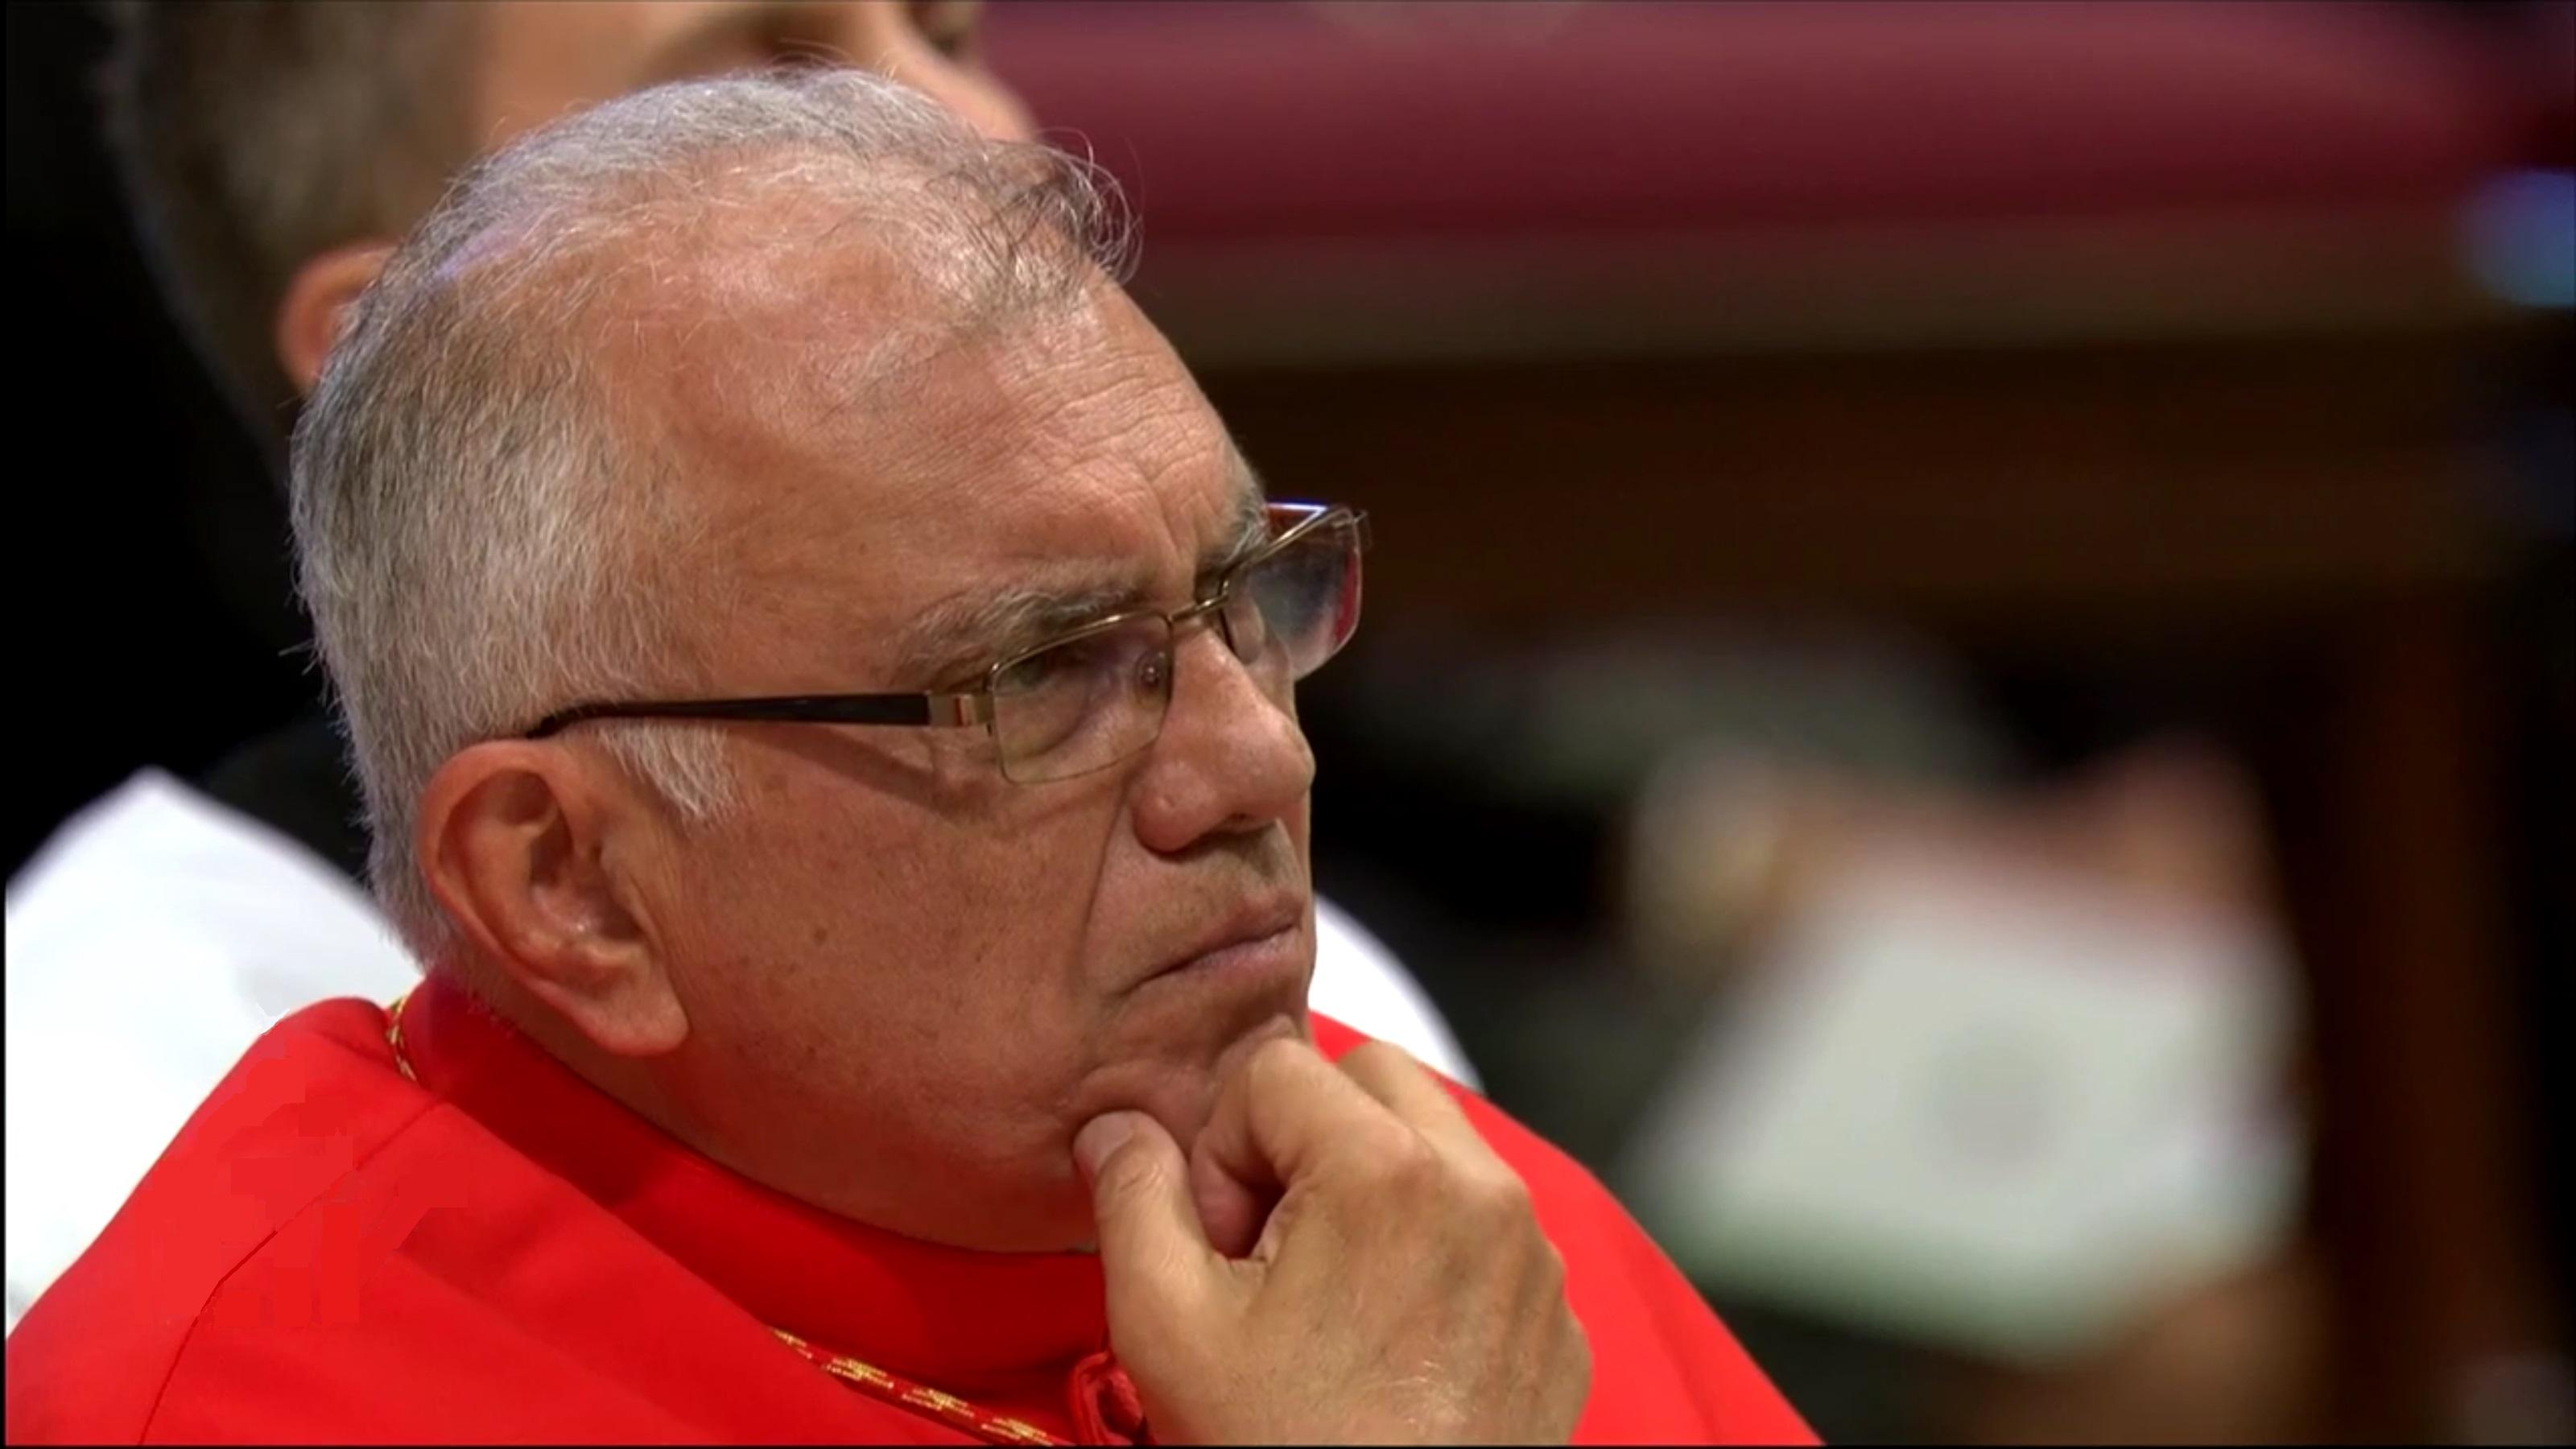 Cardenal Baltazar Enrique Porras Cardozo © Wikipedia